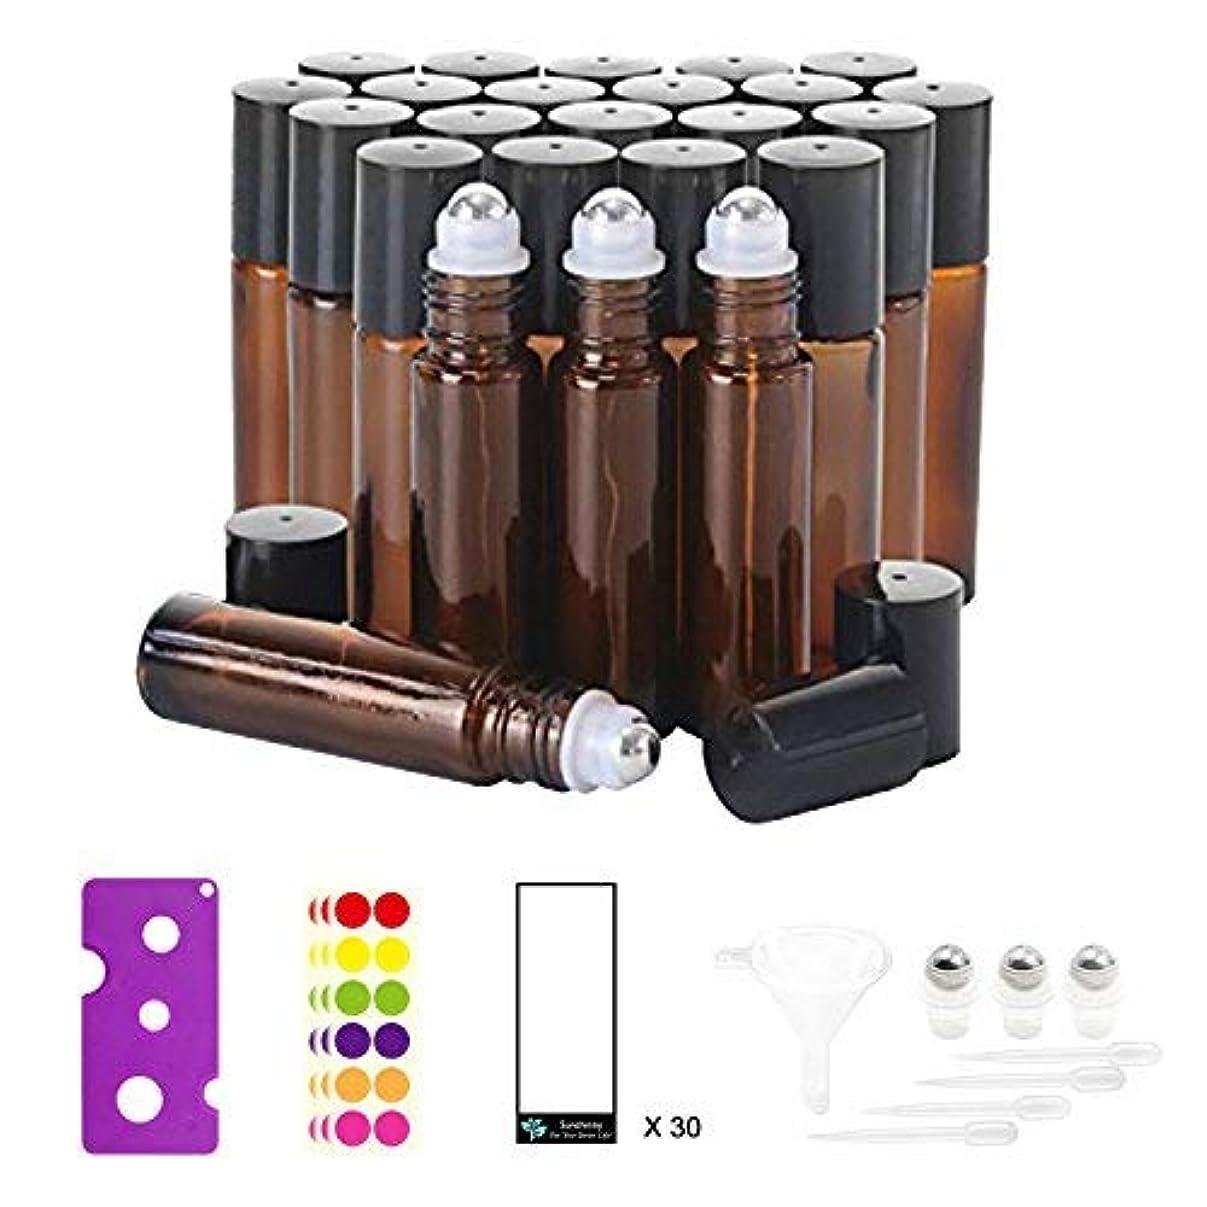 アンデス山脈暖炉ヘビー24, 10 ml Glass Roller Bottles for Essential Oils - Amber, with Stainless Steel Roller Balls (3 Extra Roller Balls...